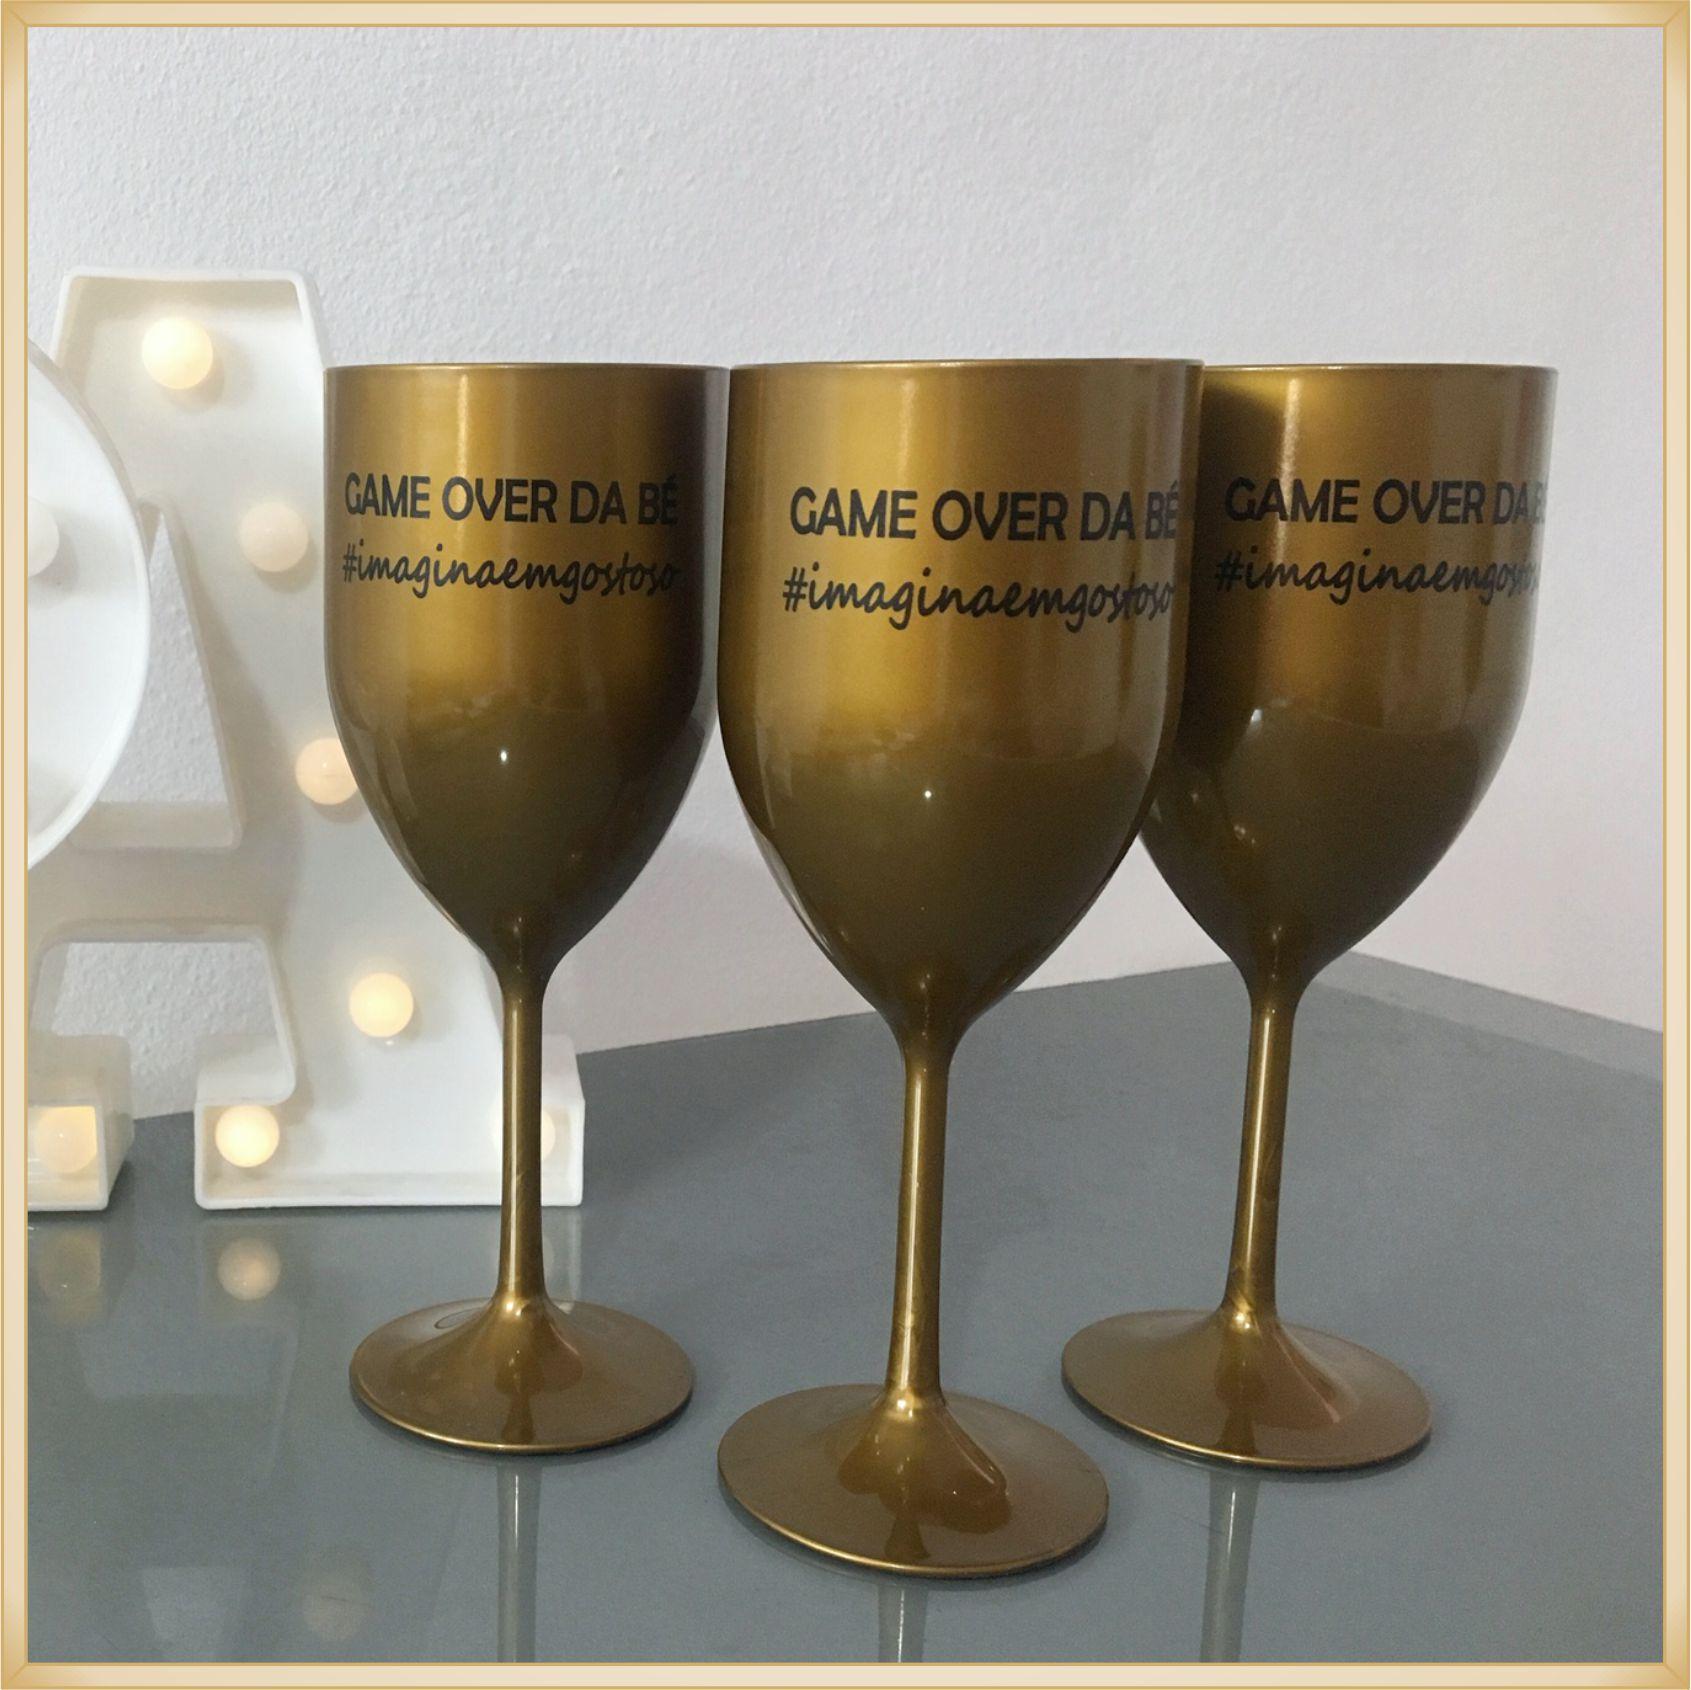 Taças de vinho acrílico Personalizadas - estampas de qualidade, brilhante e durável, acabamento perfeito, parede de 2,0 mm, 350 ml. kit 100 unidades